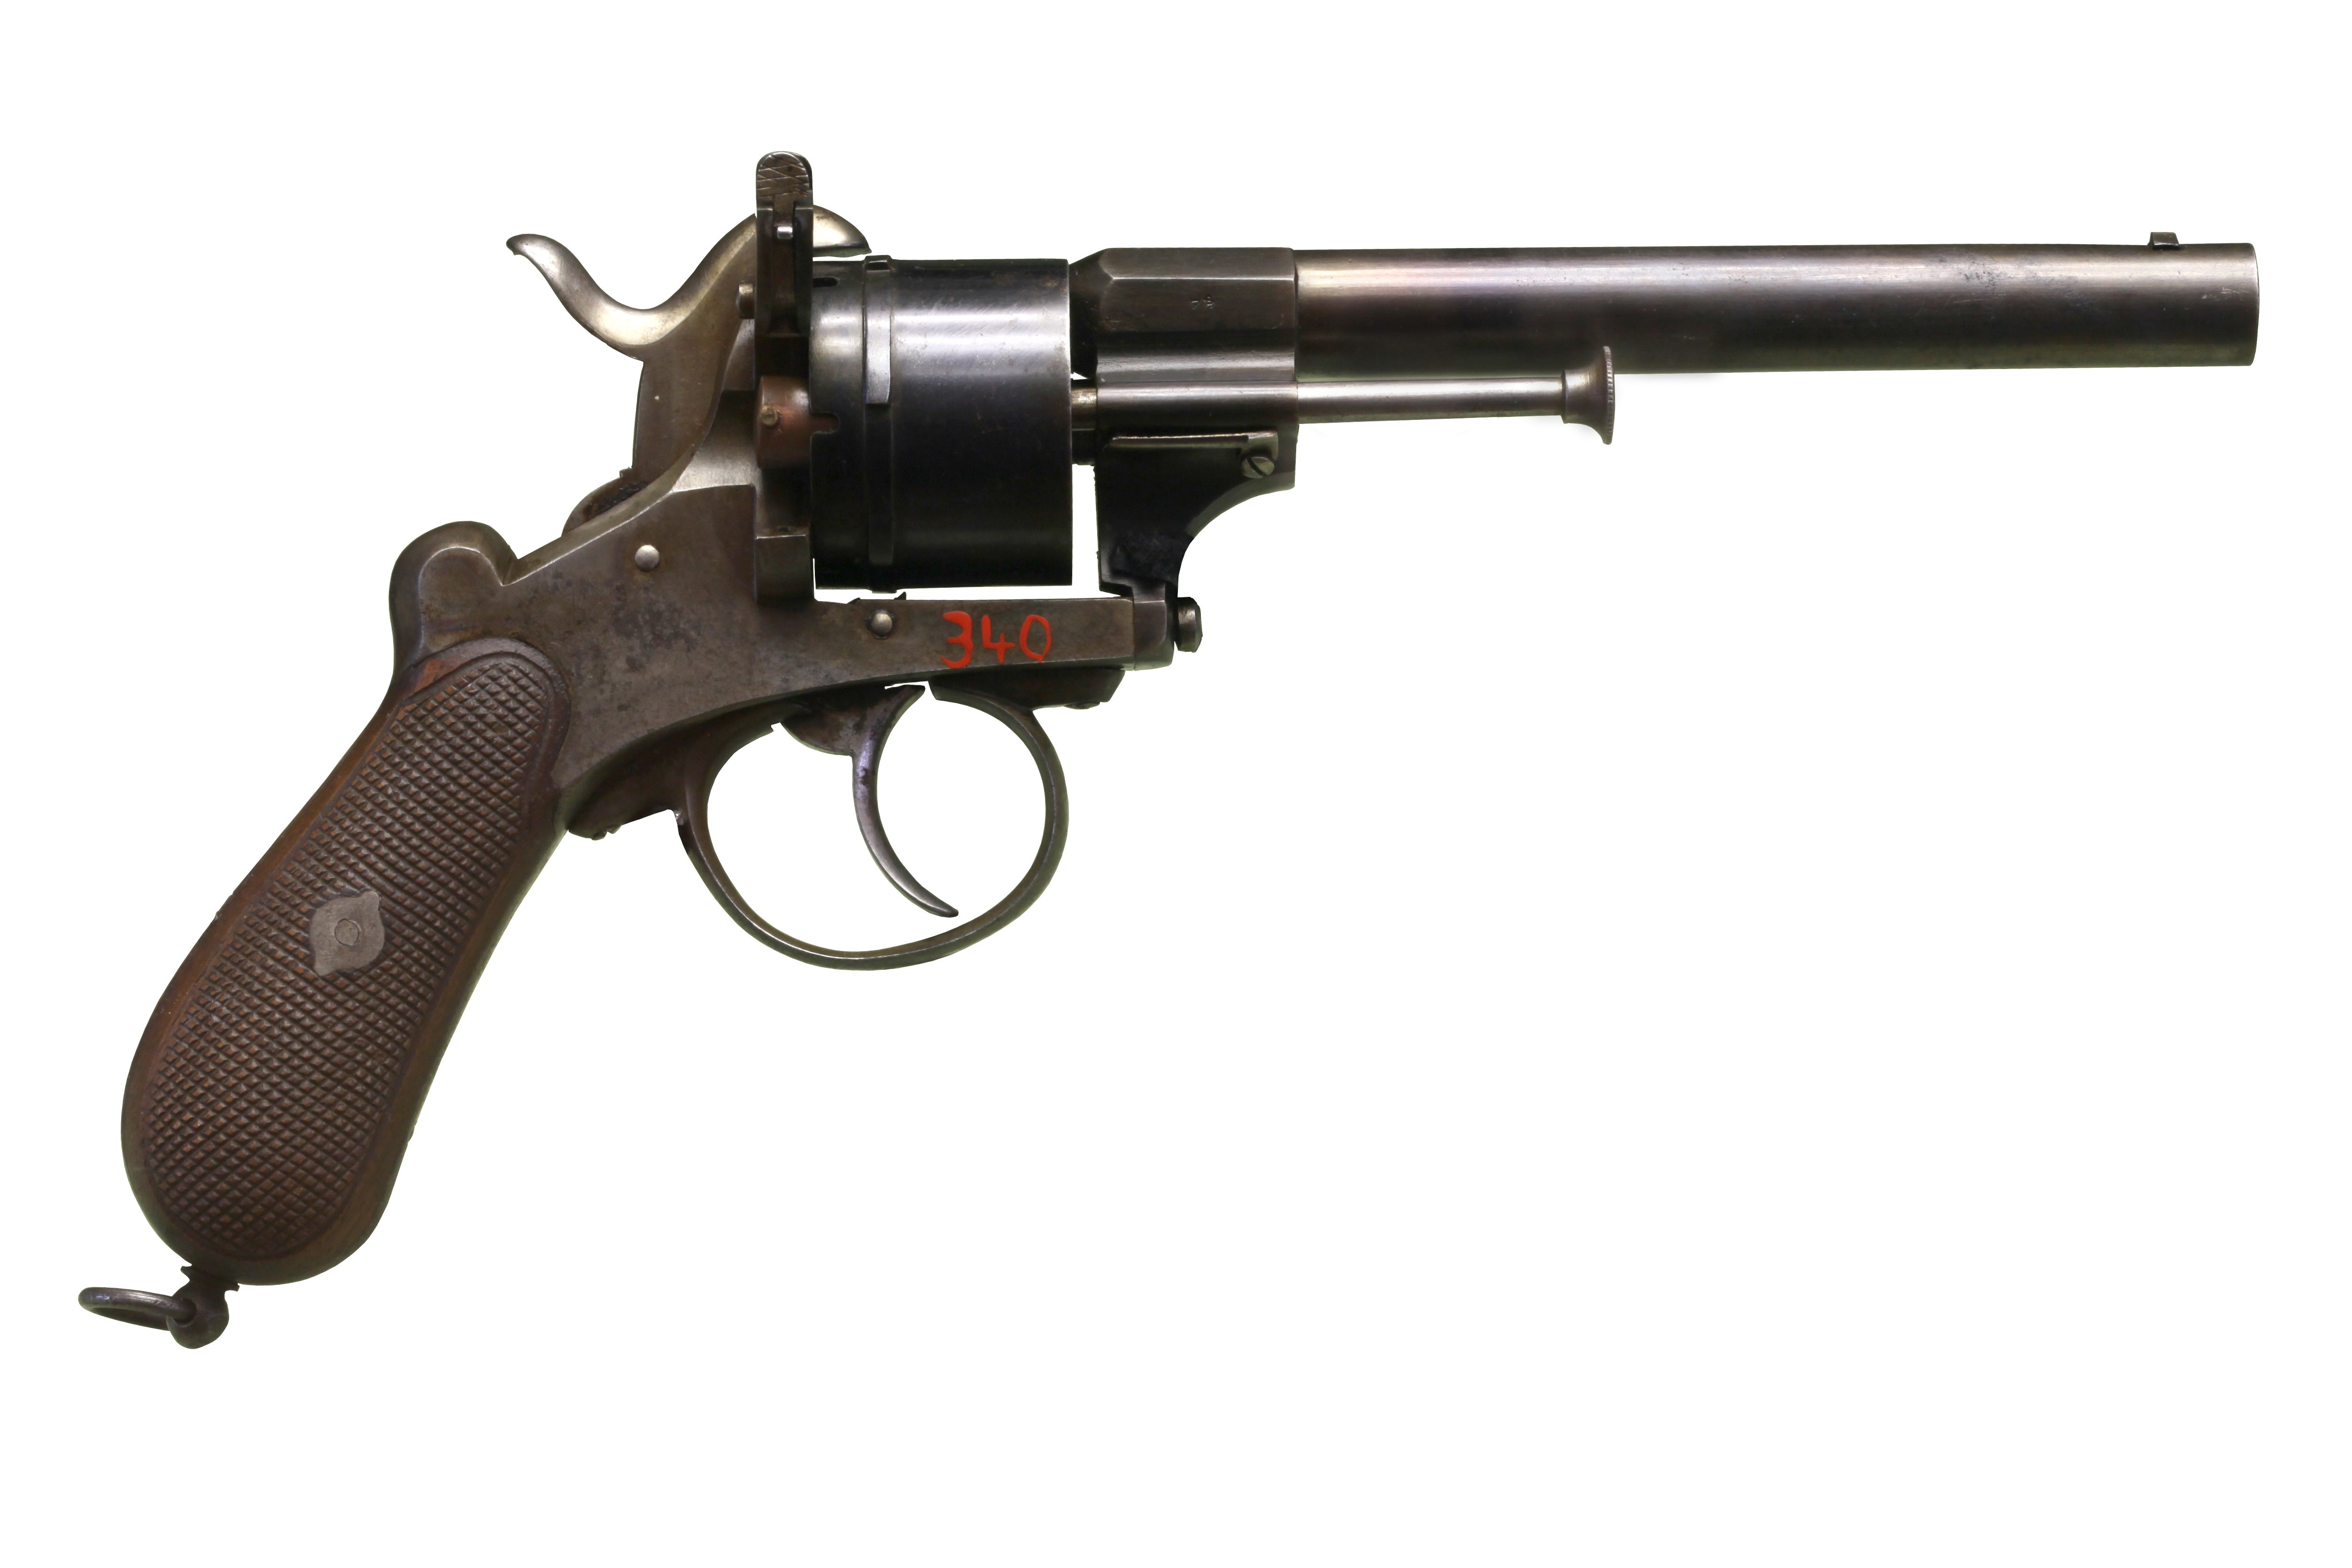 File:Revolver Lefaucheux IMG 3108.jpg - Wikipedia